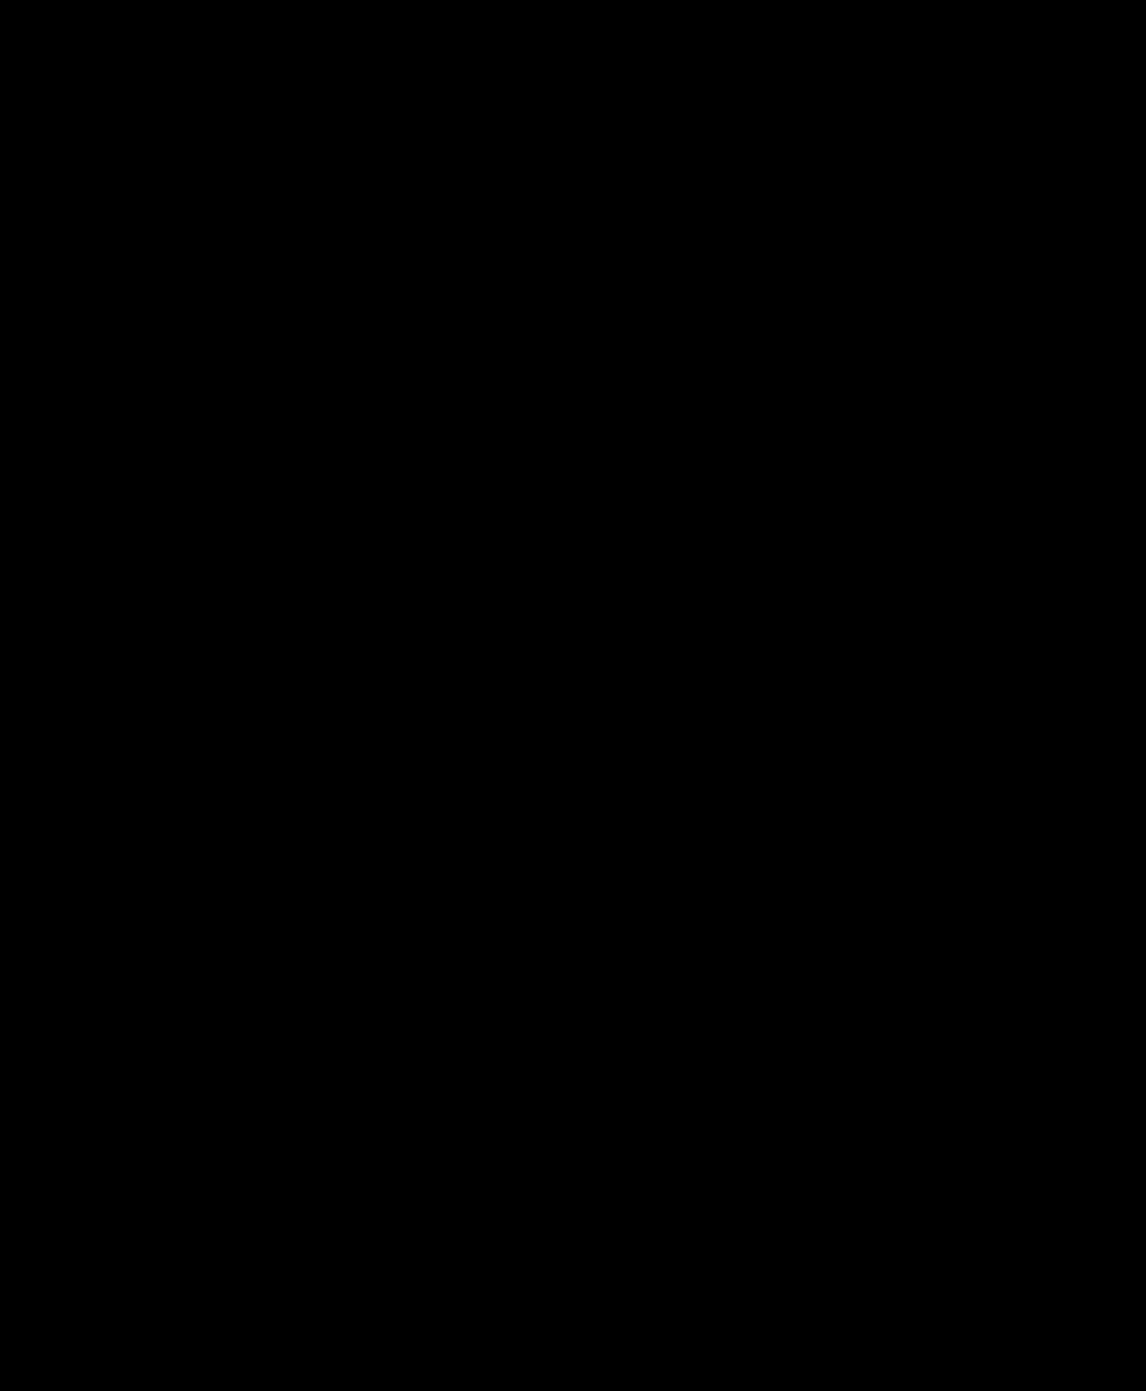 """<math xmlns=""""http://www.w3.org/1998/Math/MathML""""><mfrac><mn>2</mn><mn>3</mn></mfrac><msqrt><msup><mn>4</mn><mn>3</mn></msup></msqrt><mo>-</mo><mfrac><mn>2</mn><mn>3</mn></mfrac><msqrt><msup><mn>3</mn><mn>3</mn></msup></msqrt><mspace linebreak=""""newline""""/><mfrac><mn>2</mn><mn>3</mn></mfrac><msqrt><mn>4</mn><mo>&#xD7;</mo><mn>4</mn><mo>&#xD7;</mo><mn>4</mn><mo>&#xA0;</mo></msqrt><mo>-</mo><mfrac><mn>2</mn><mn>3</mn></mfrac><msqrt><mn>3</mn><mo>&#xD7;</mo><mn>3</mn><mo>&#xD7;</mo><mn>3</mn></msqrt><mspace linebreak=""""newline""""/><mfrac><mn>2</mn><mn>3</mn></mfrac><mo>&#xD7;</mo><mn>8</mn><mo>&#xA0;</mo><mo>-</mo><mfrac><mn>2</mn><mn>3</mn></mfrac><msqrt><mn>9</mn><mo>&#xD7;</mo><mn>3</mn></msqrt><mspace linebreak=""""newline""""/><mfrac><mn>16</mn><mn>3</mn></mfrac><mo>&#xA0;</mo><mo>-</mo><mfrac><mn>2</mn><mn>3</mn></mfrac><mo>&#xD7;</mo><mn>3</mn><mo>&#xD7;</mo><msqrt><mn>3</mn></msqrt><mspace linebreak=""""newline""""/><mfrac><mn>16</mn><mn>3</mn></mfrac><mo>-</mo><mn>2</mn><msqrt><mn>3</mn></msqrt></math>"""